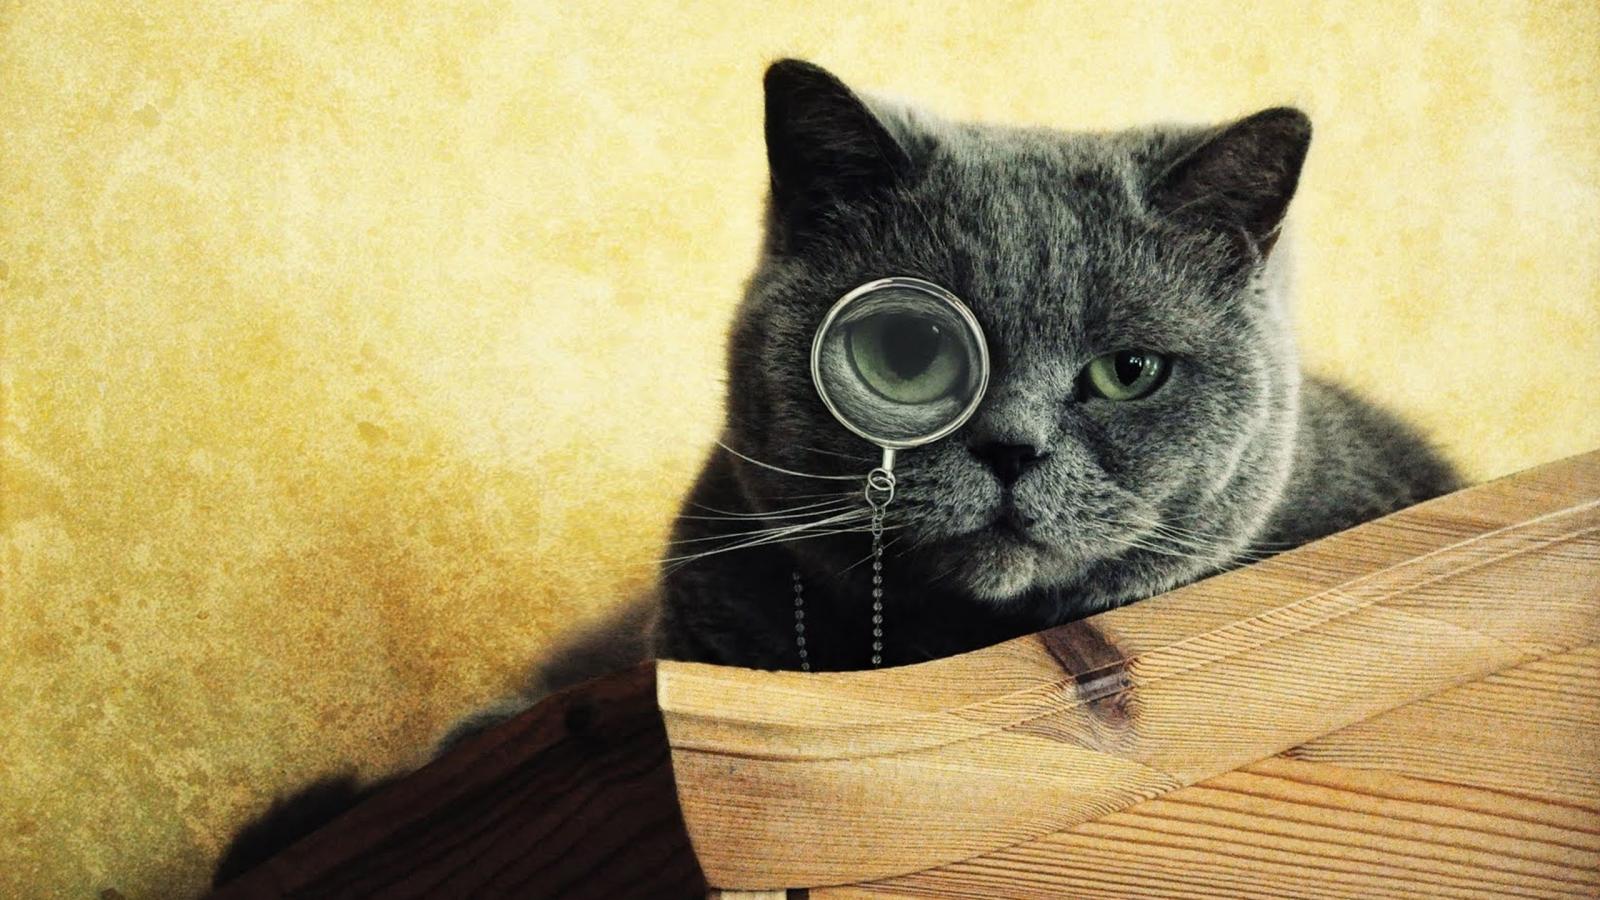 Imágenes graciosas de gatos - 1600x900